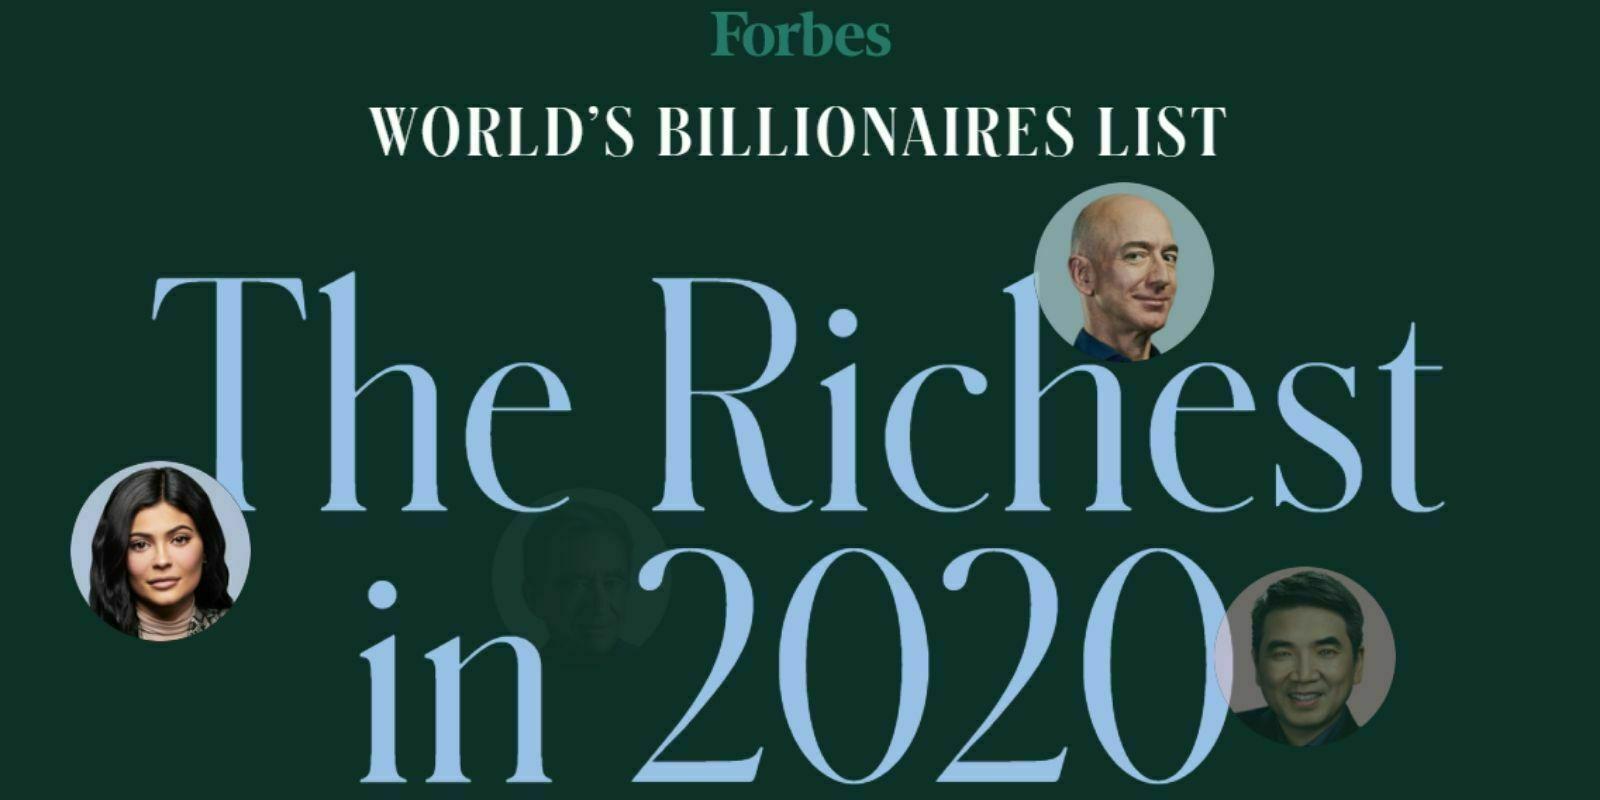 Classement Forbes 2020 des milliardaires : 4 crypto-entrepreneurs présents